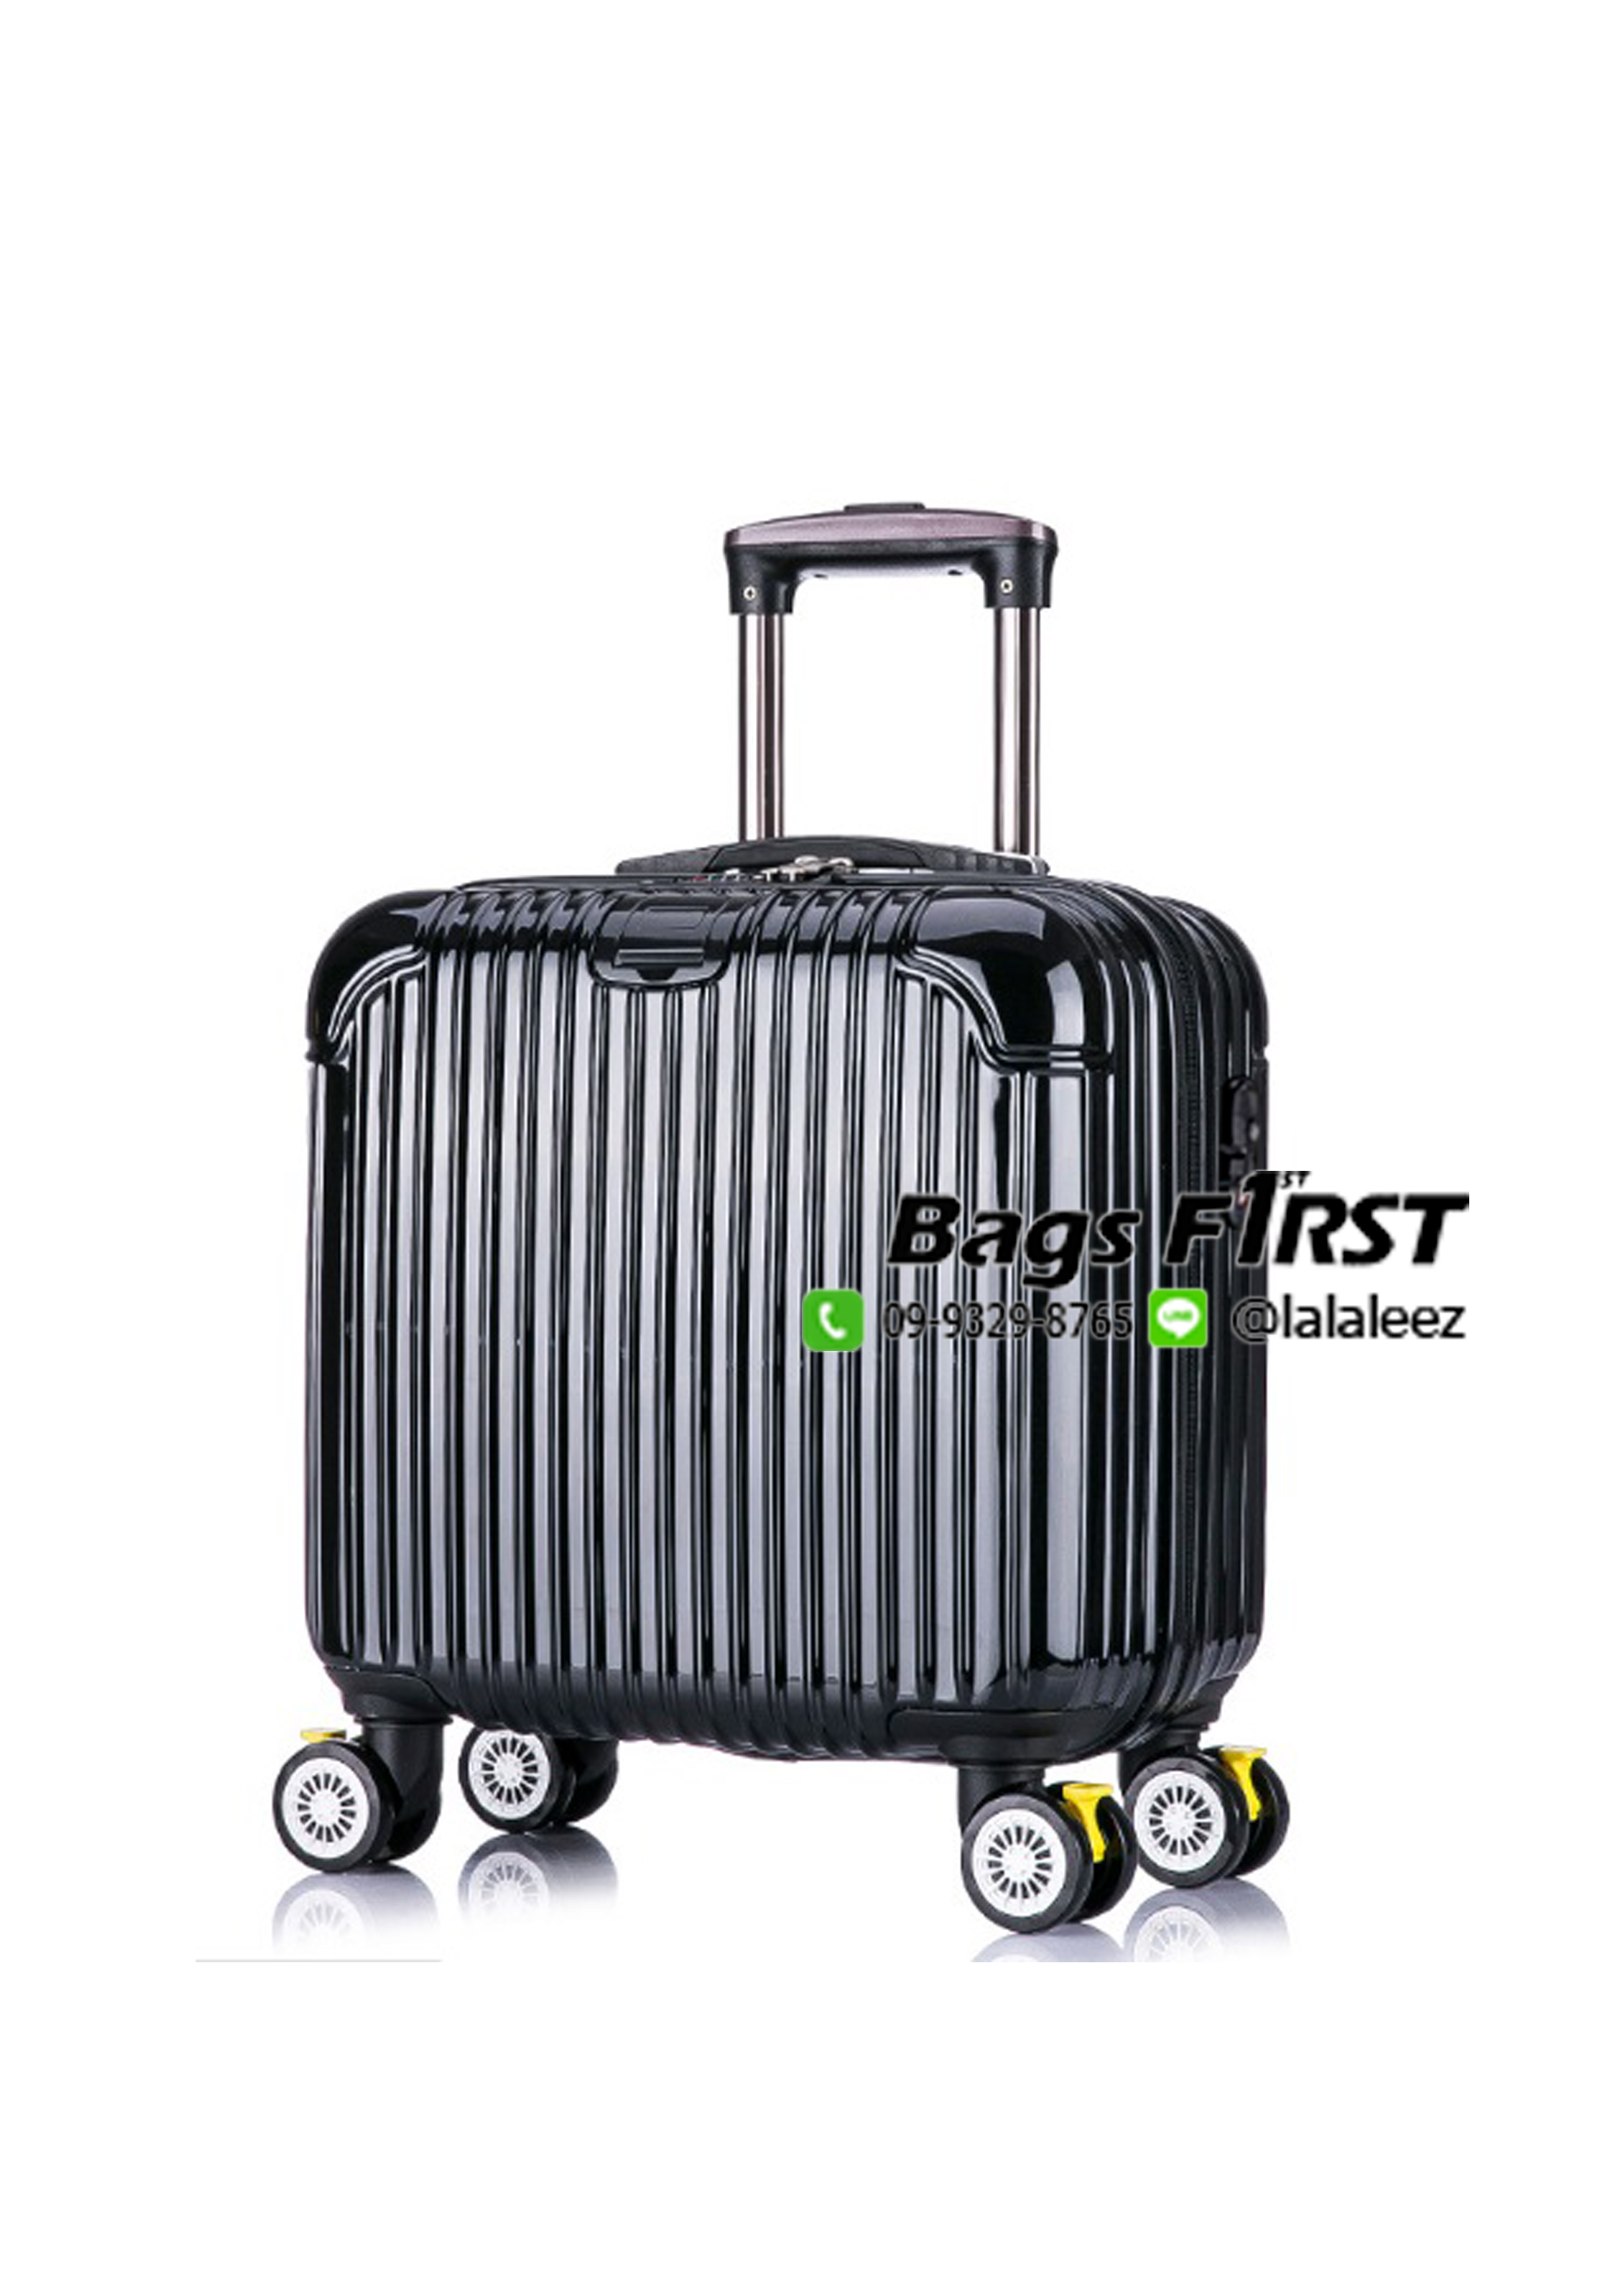 กระเป๋าเดินทางล้อลาก สีดำ ขนาด 16 นิ้ว